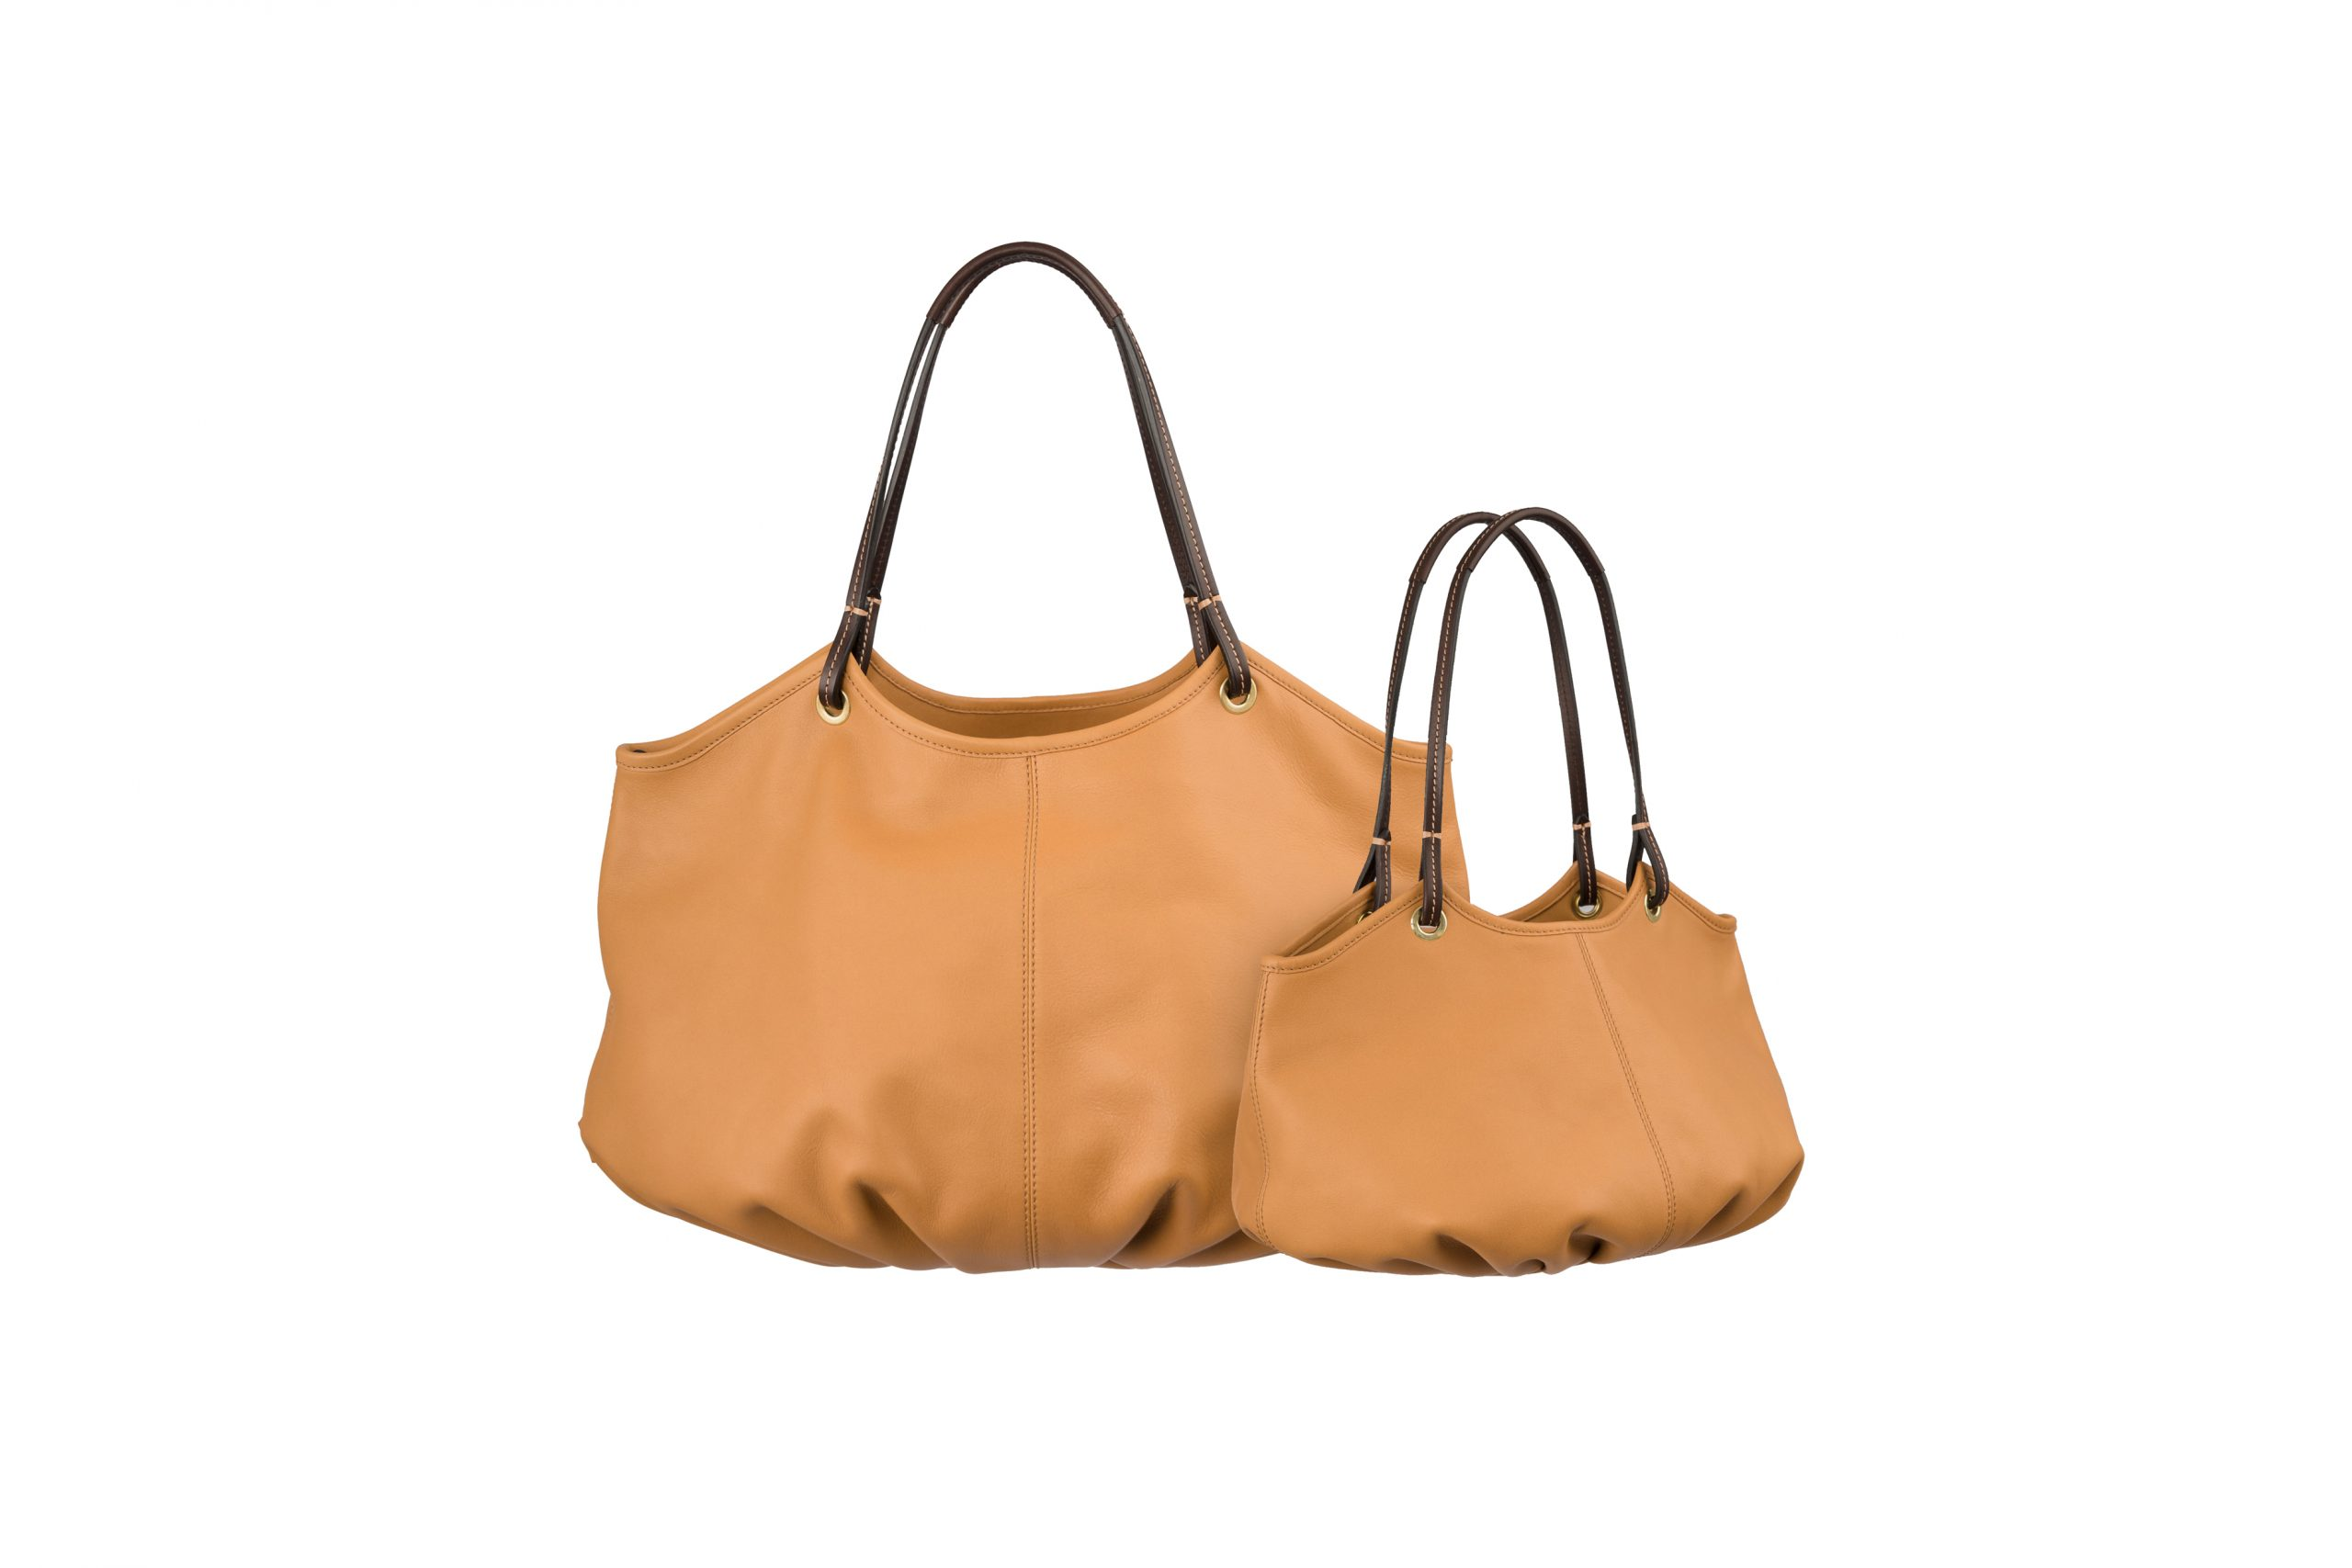 Fotografía producto tienda online, Bench Bag by DSMK